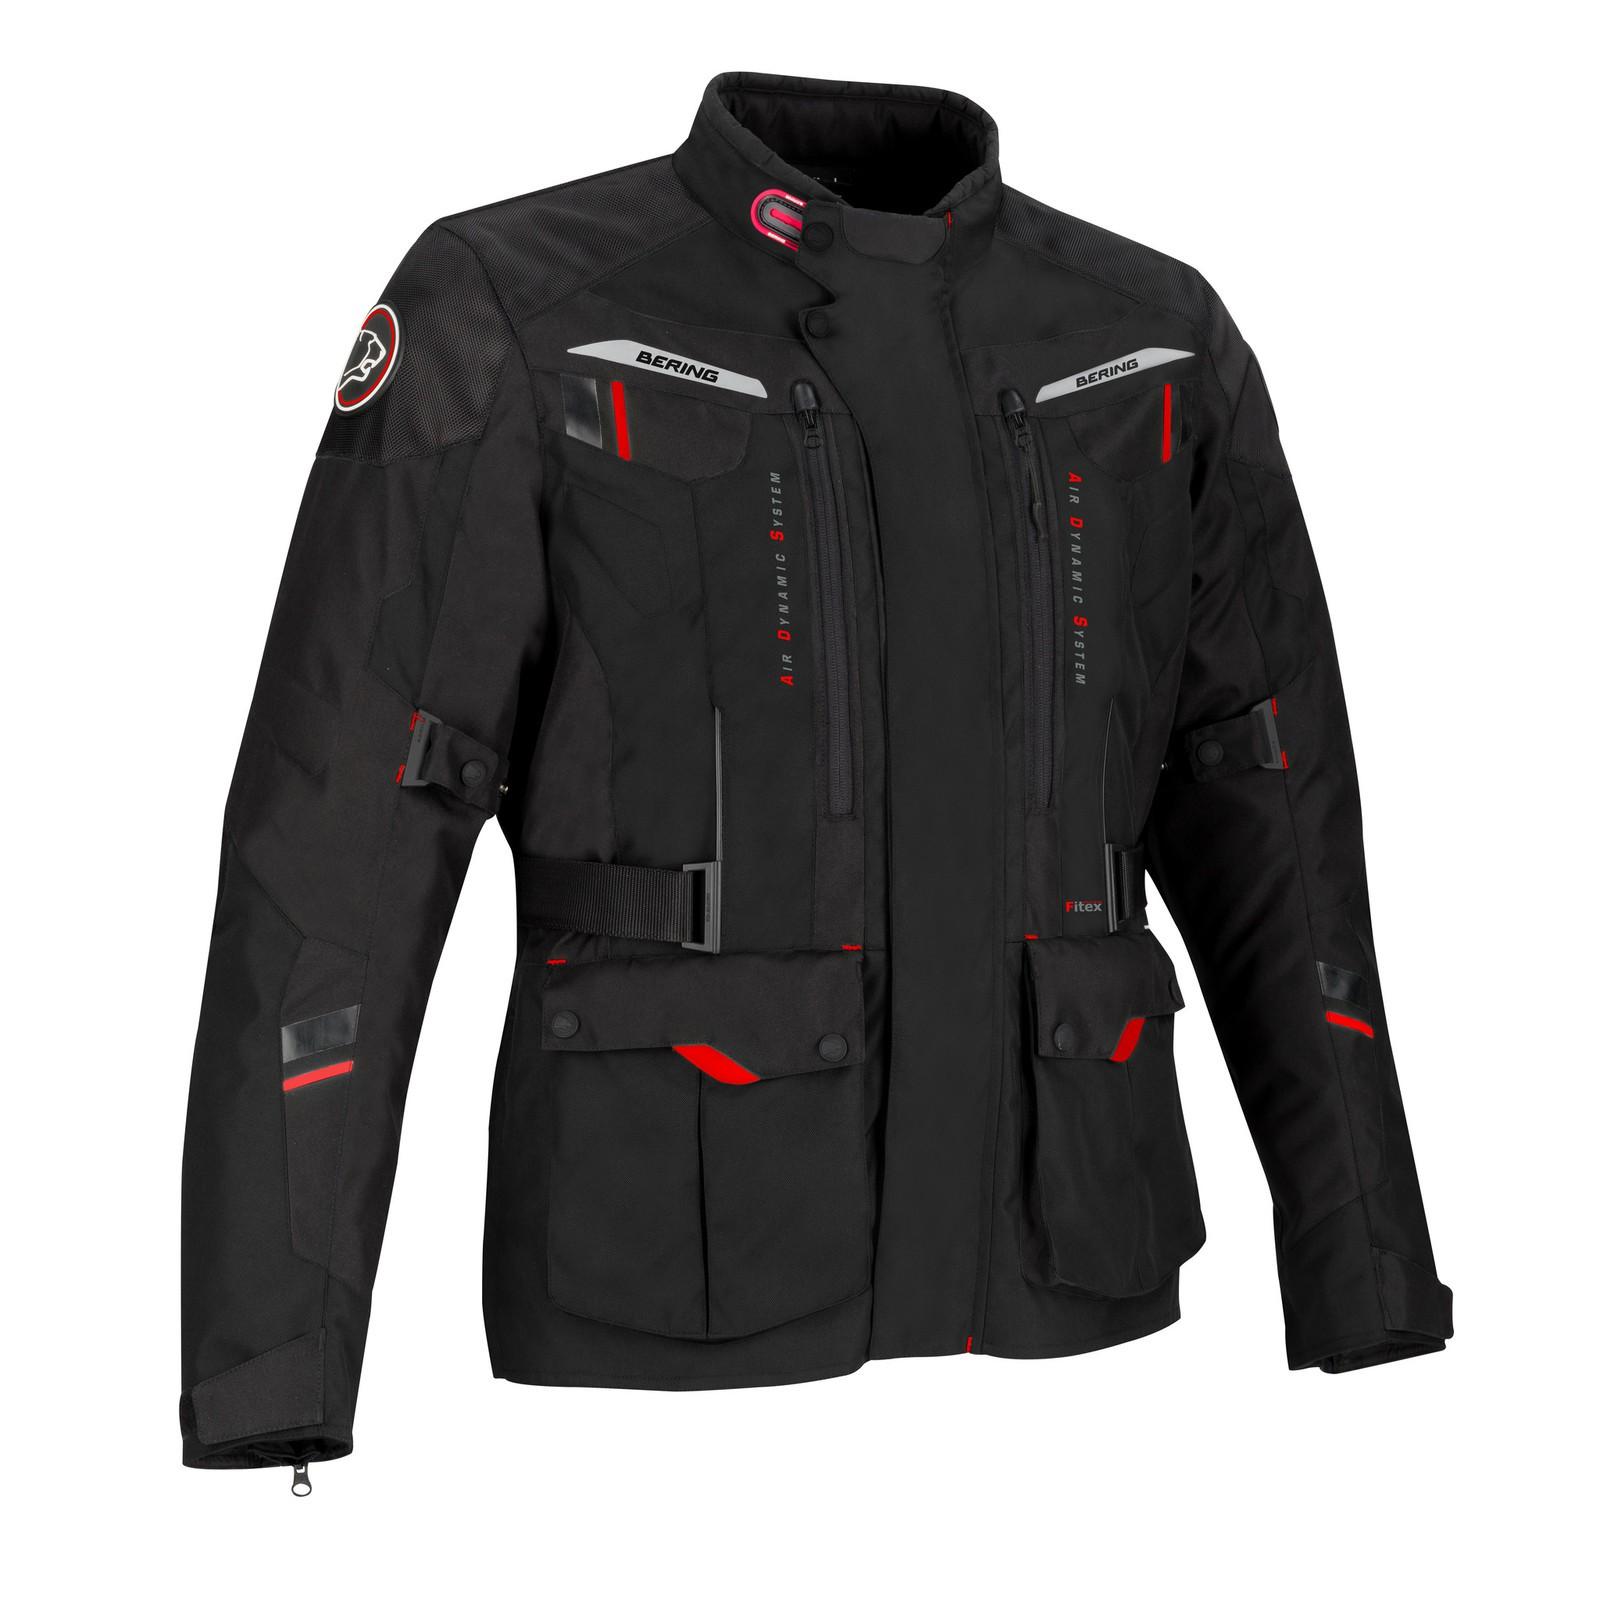 Afbeelding van bering darko zwart textielen motorjas